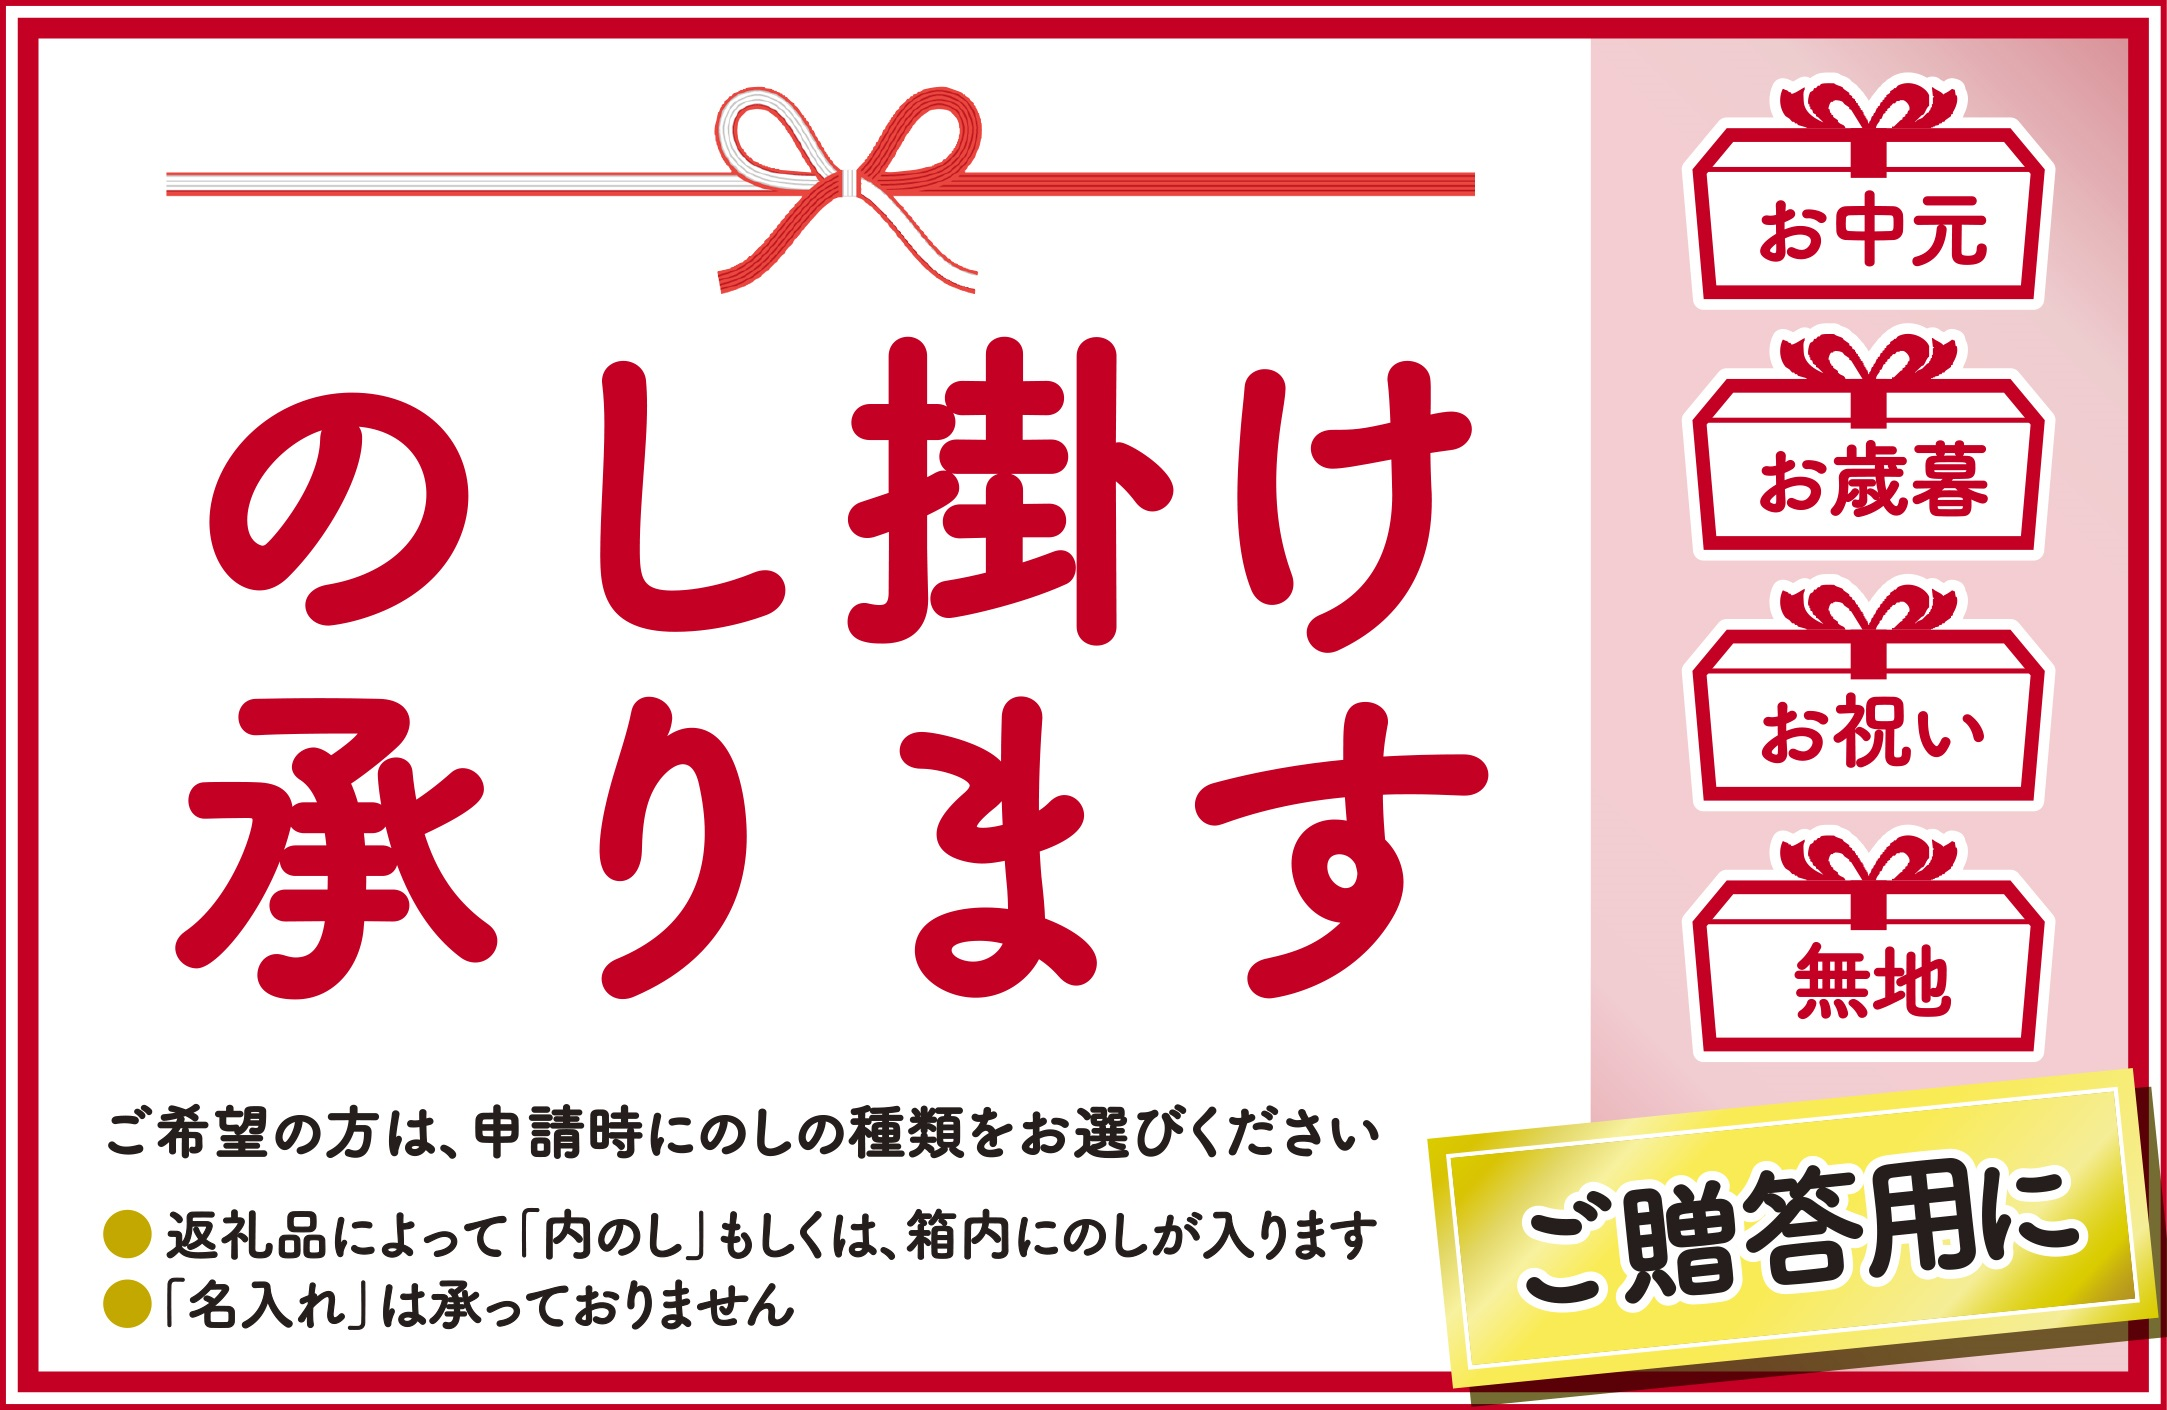 【新型コロナ被害支援】やはたらーめん(醤油味)【2食】・たこカレー【1.5人前×2個】セット